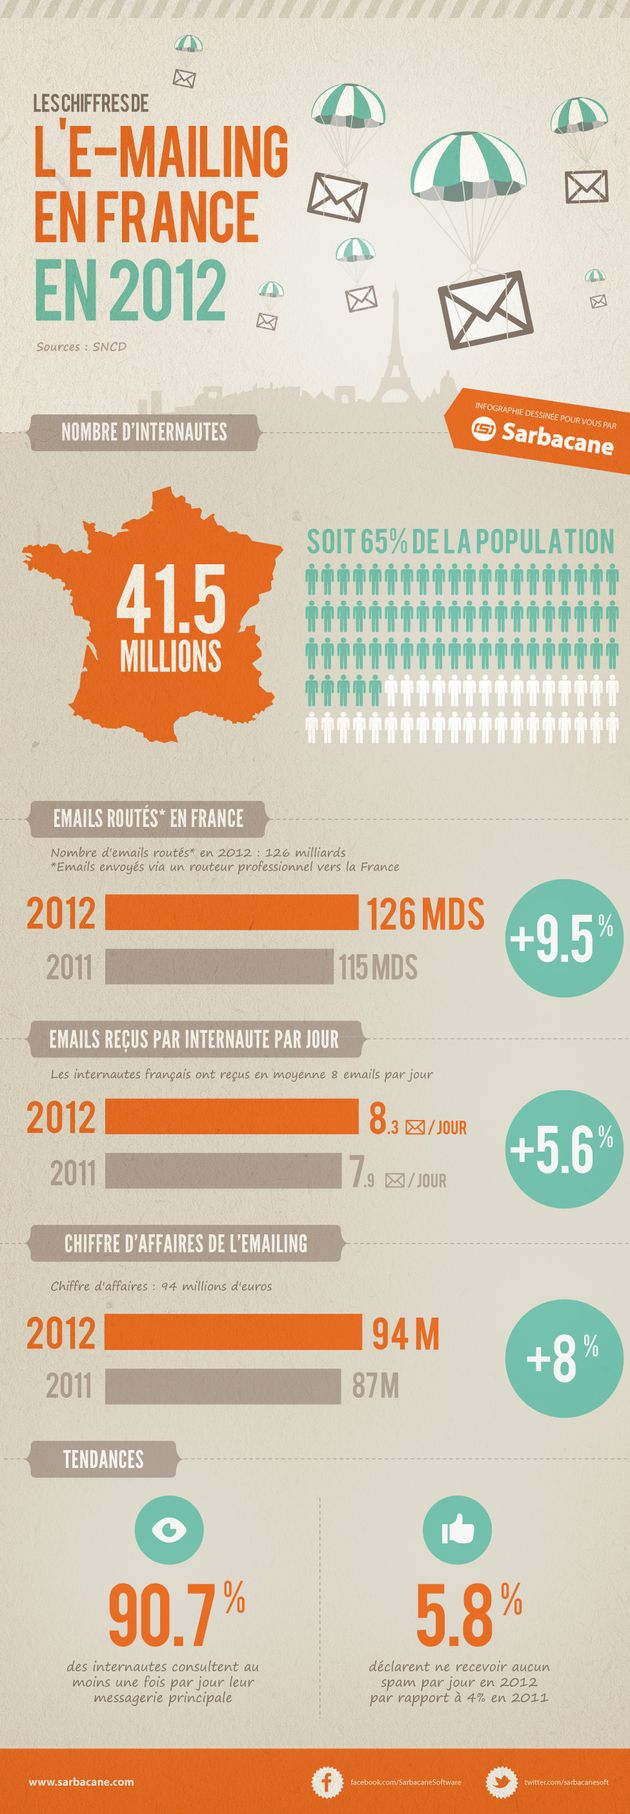 Marché de l'email. Combien d'emails ont été routés ? Quel chiffre d'affaires représente l'e-mailing en France ? Découvrez les principaux chiffres dans l'infographie proposée par Sarbacane Software.